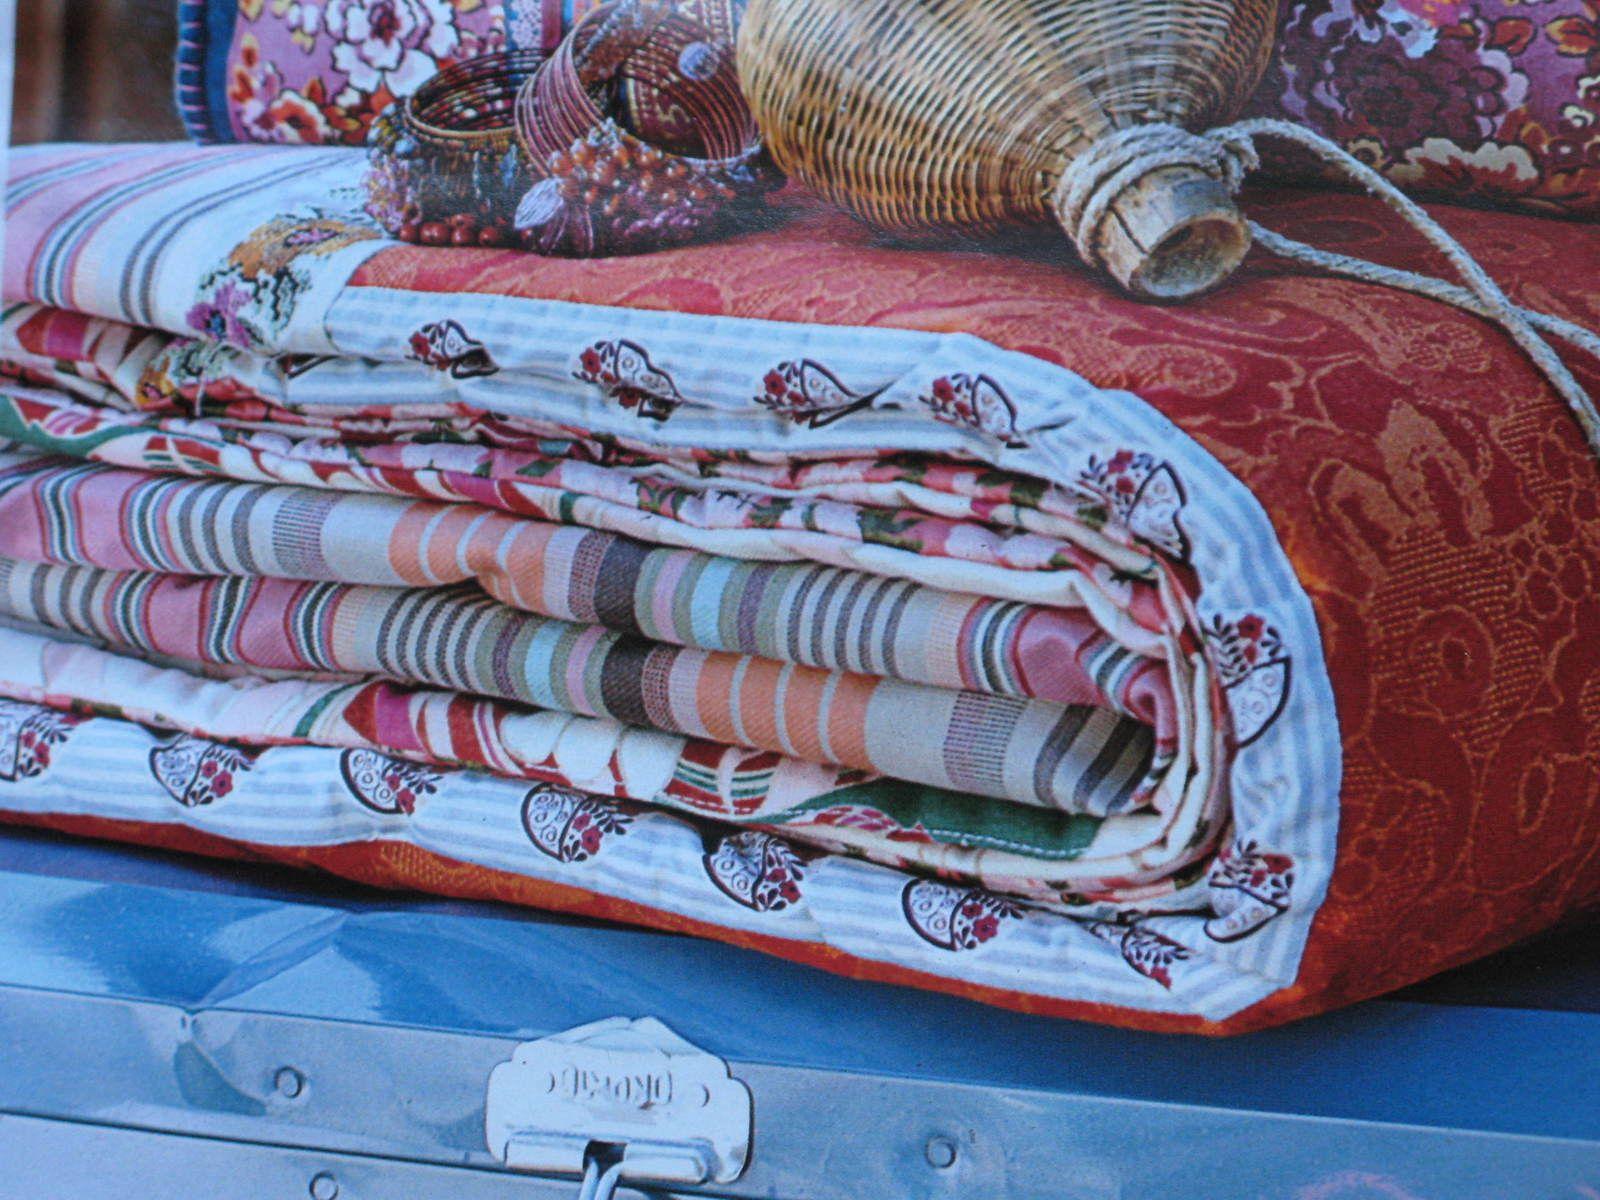 couvre lit kenzo maison transformation d une taie de traversin en autre taille d'oreiller  couvre lit kenzo maison